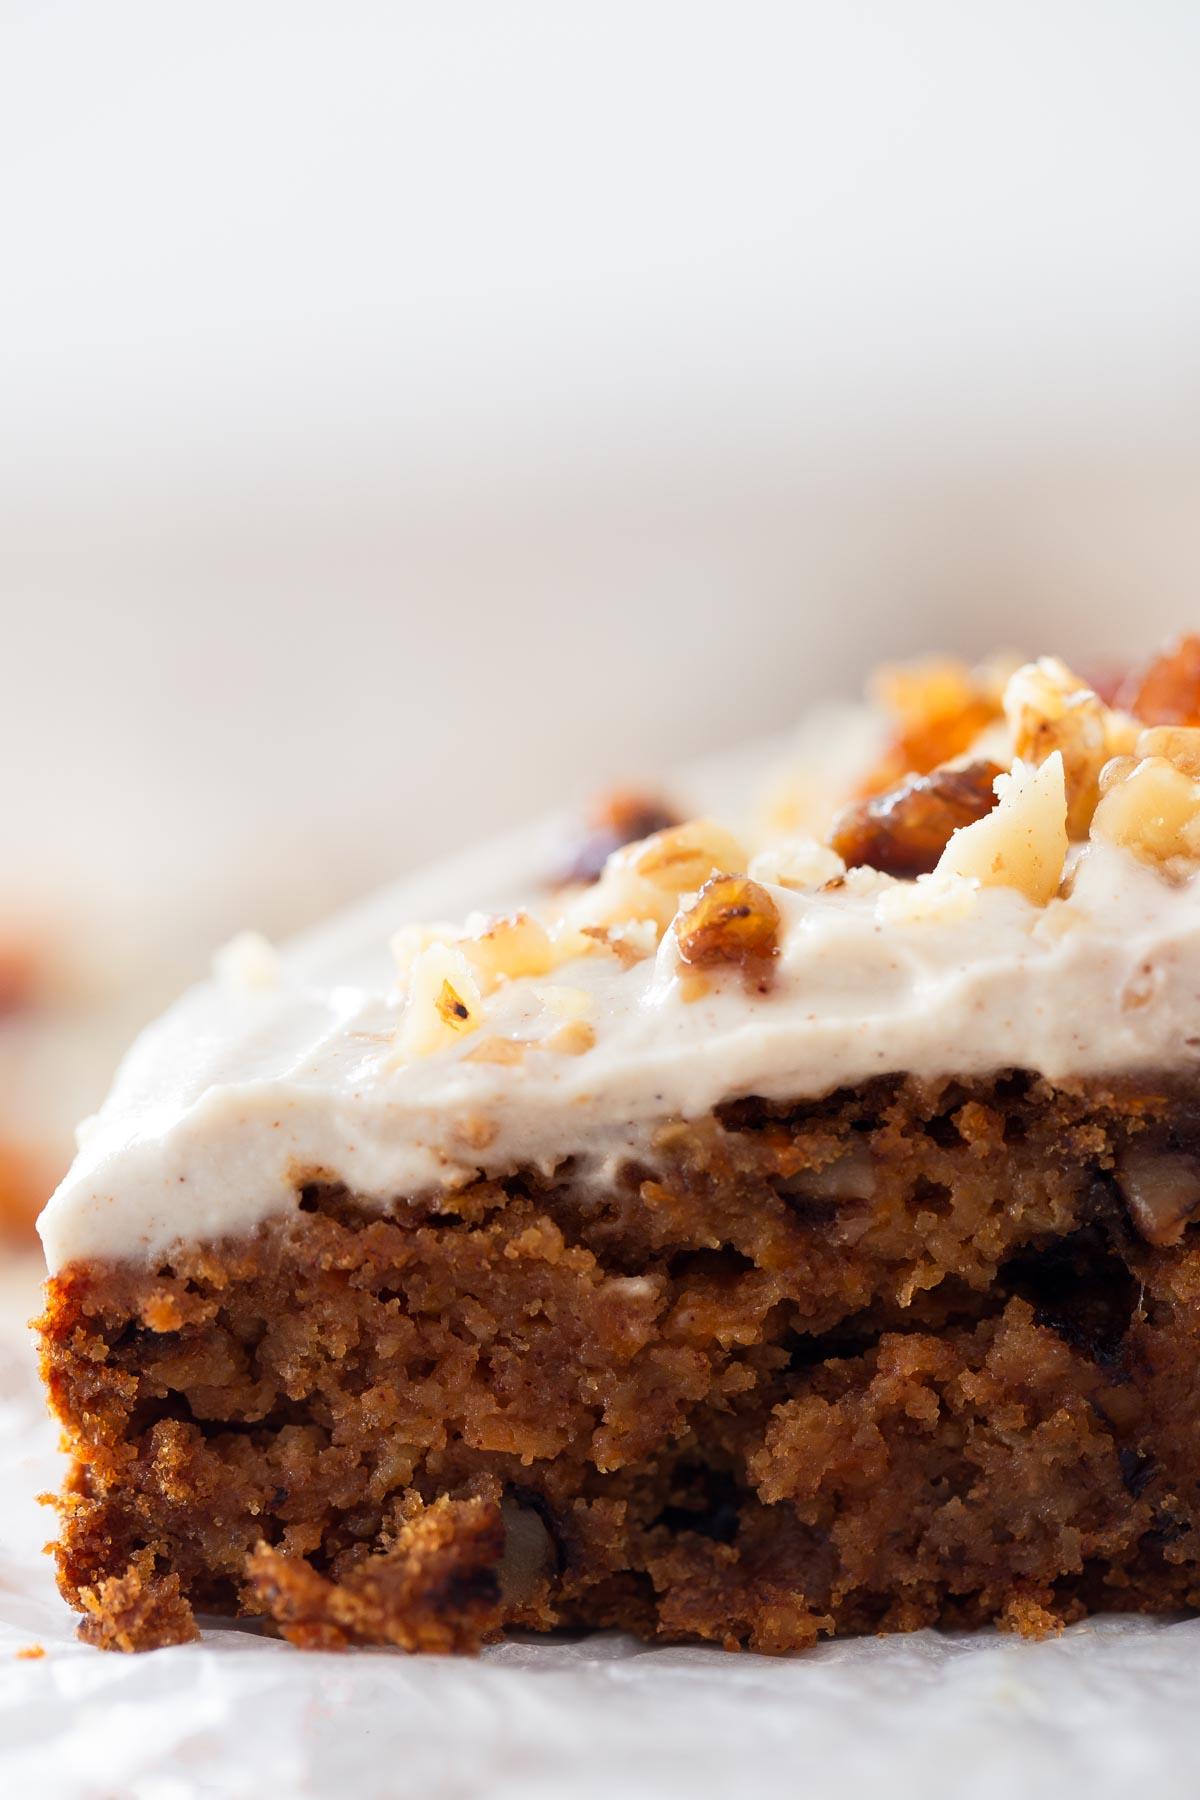 Easy Toppings For Carrot Cake